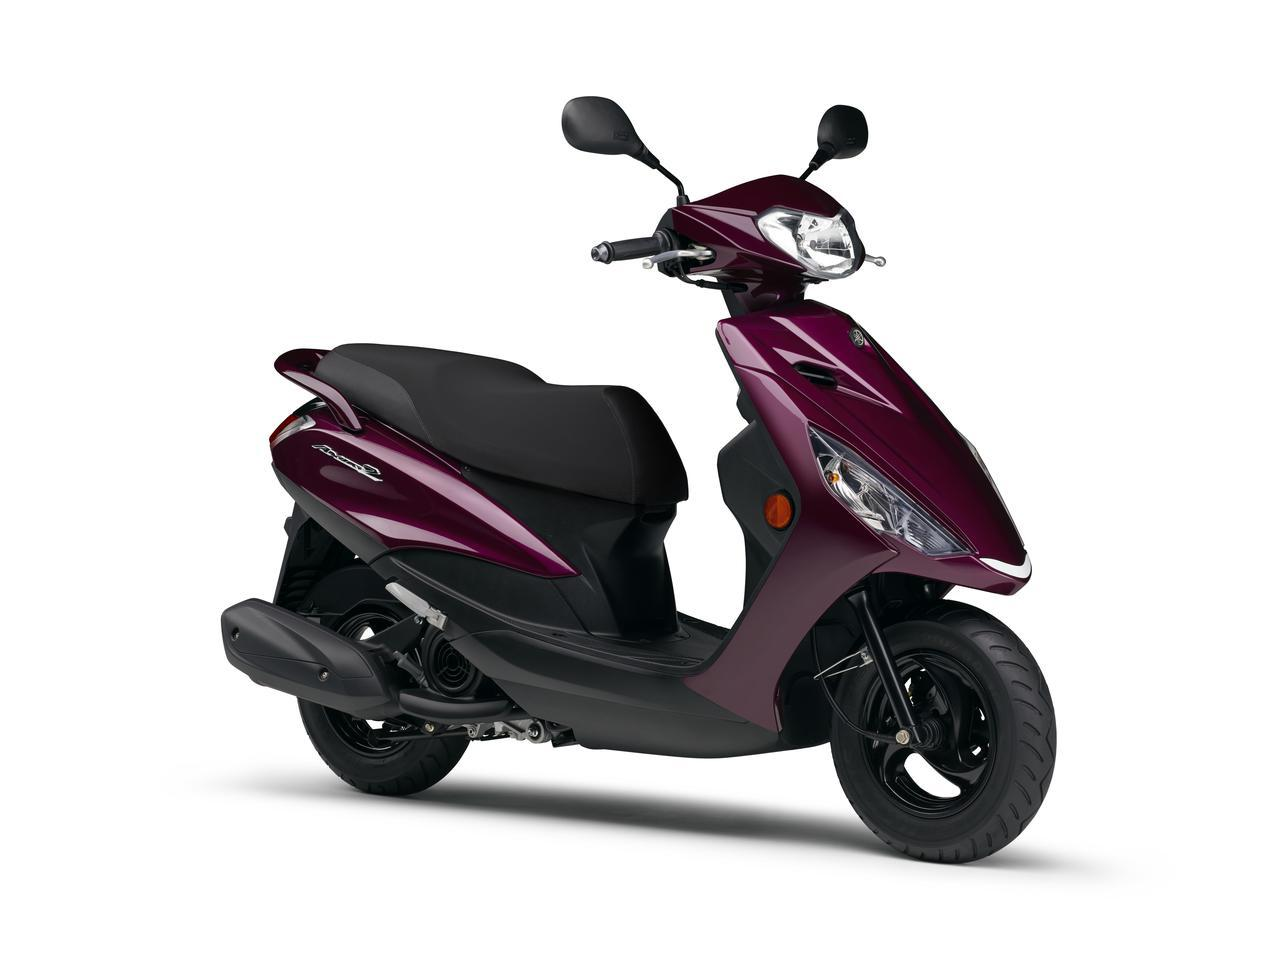 画像15: ヤマハが125ccスクーター「アクシスZ」の2021年モデルを発表! カラーは全5色設定で2月5日に発売